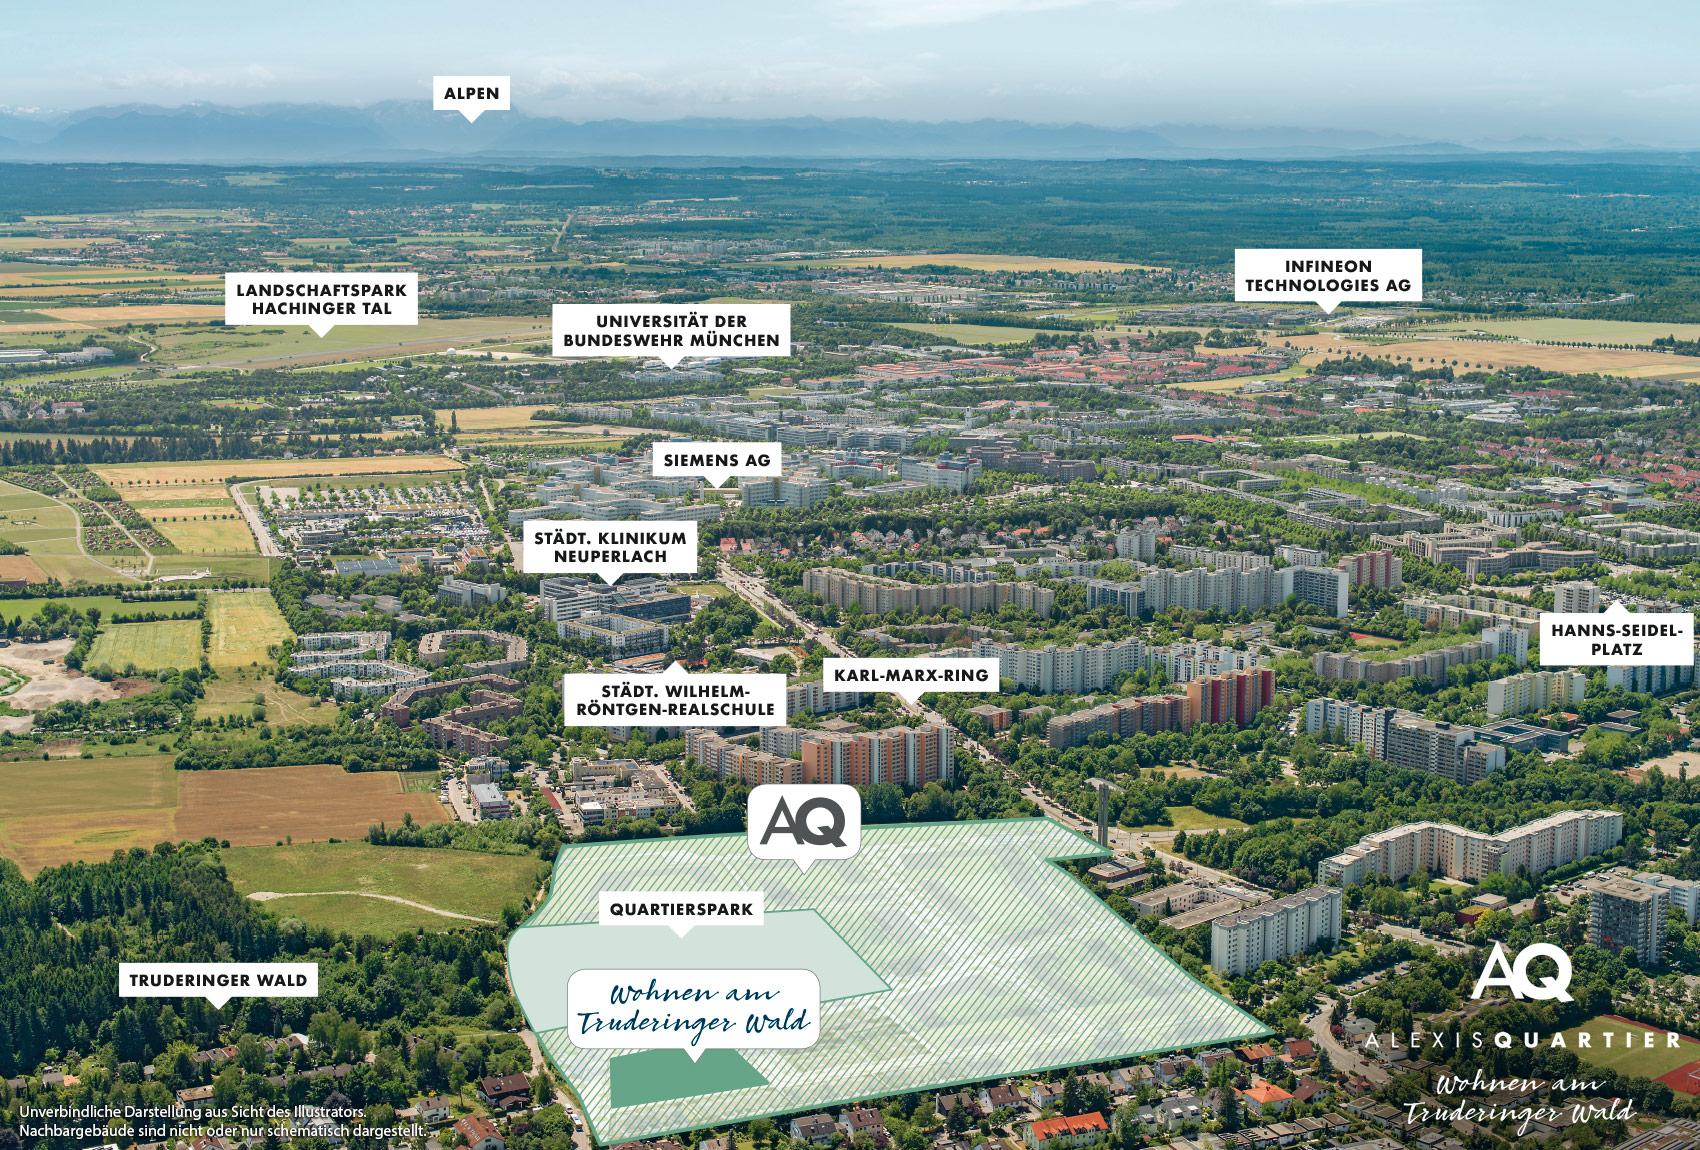 Immobilie Alexisquartier - Wohnen am Truderinger Wald - Luftbild